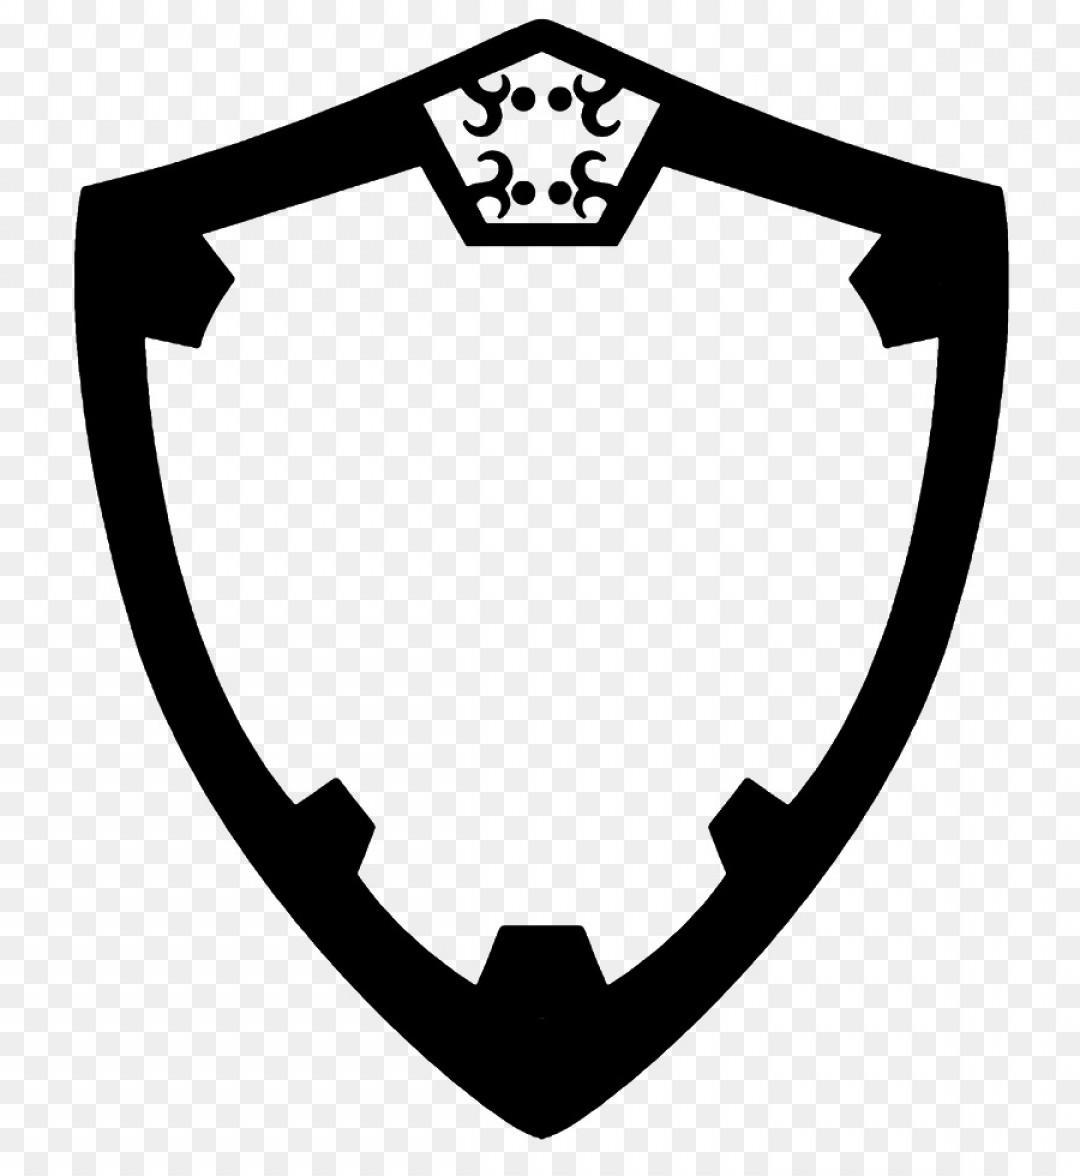 1080x1176 Zelda Shield Vector Arenawp